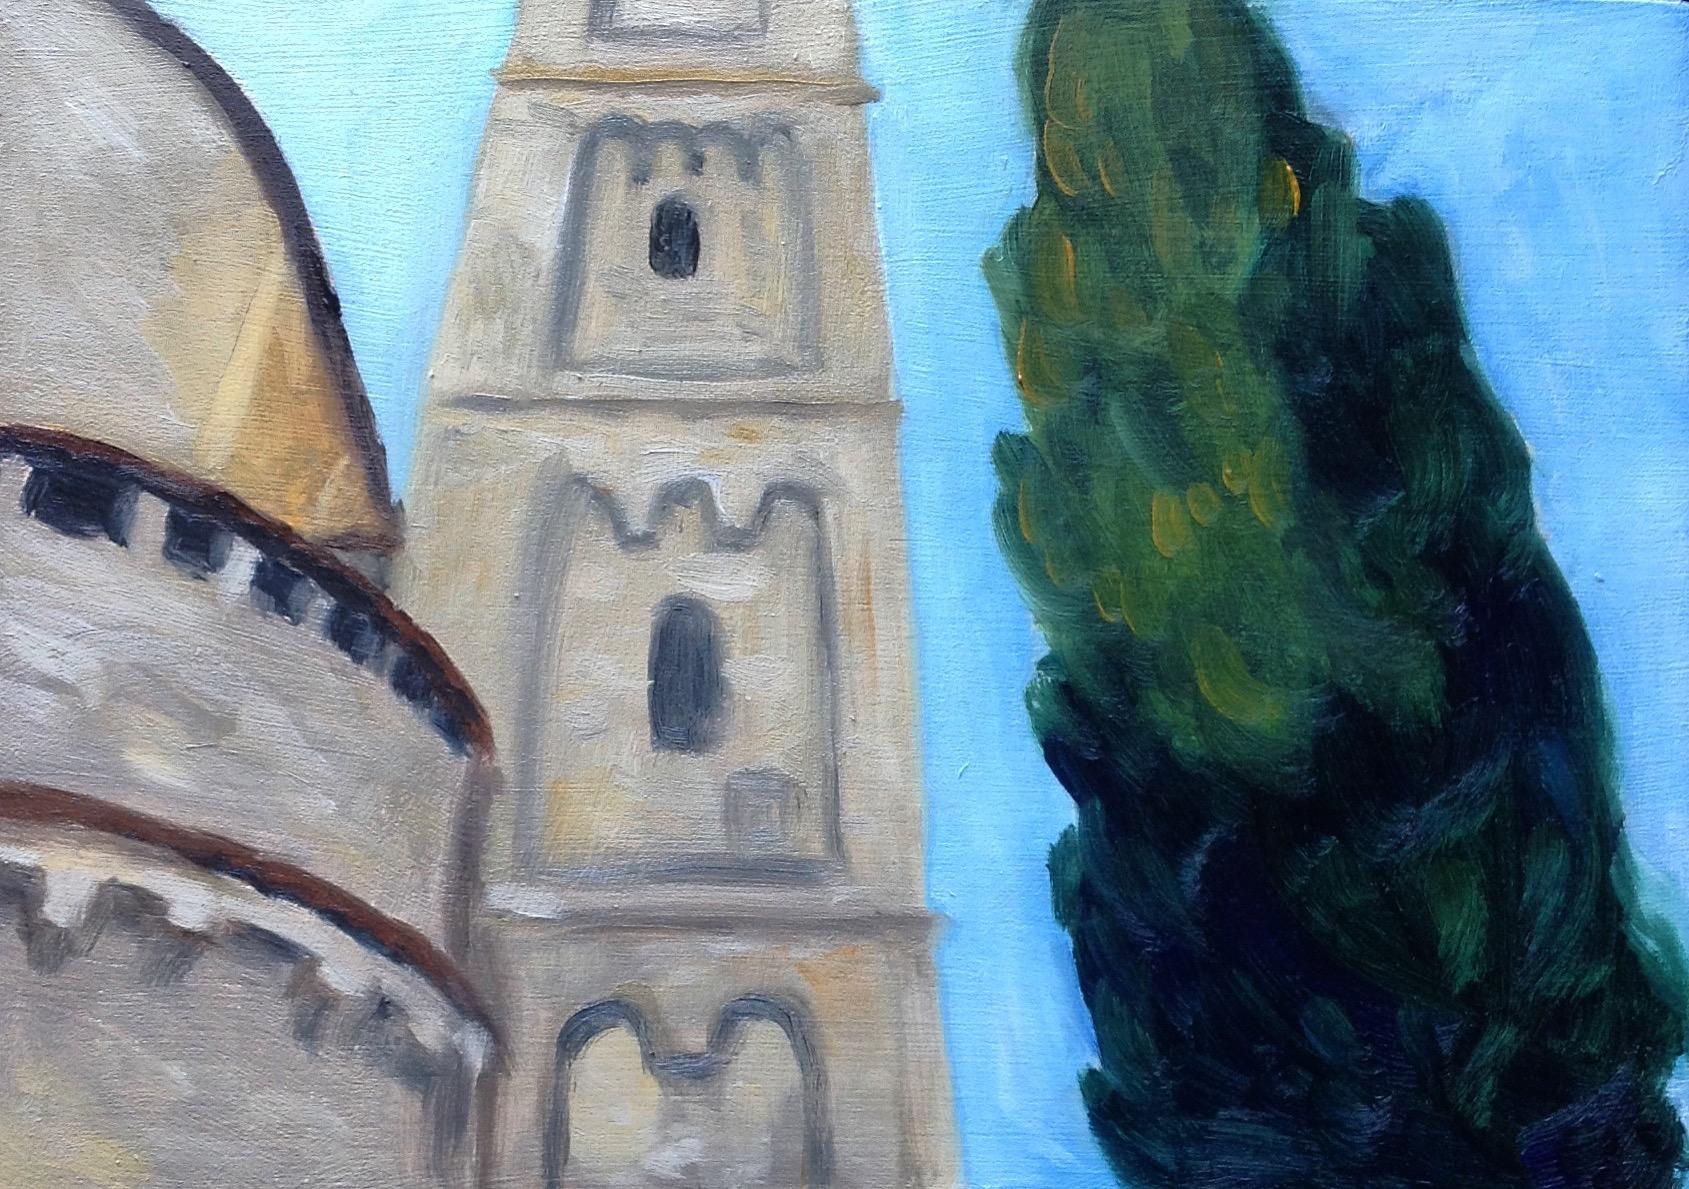 Tuscan Towers